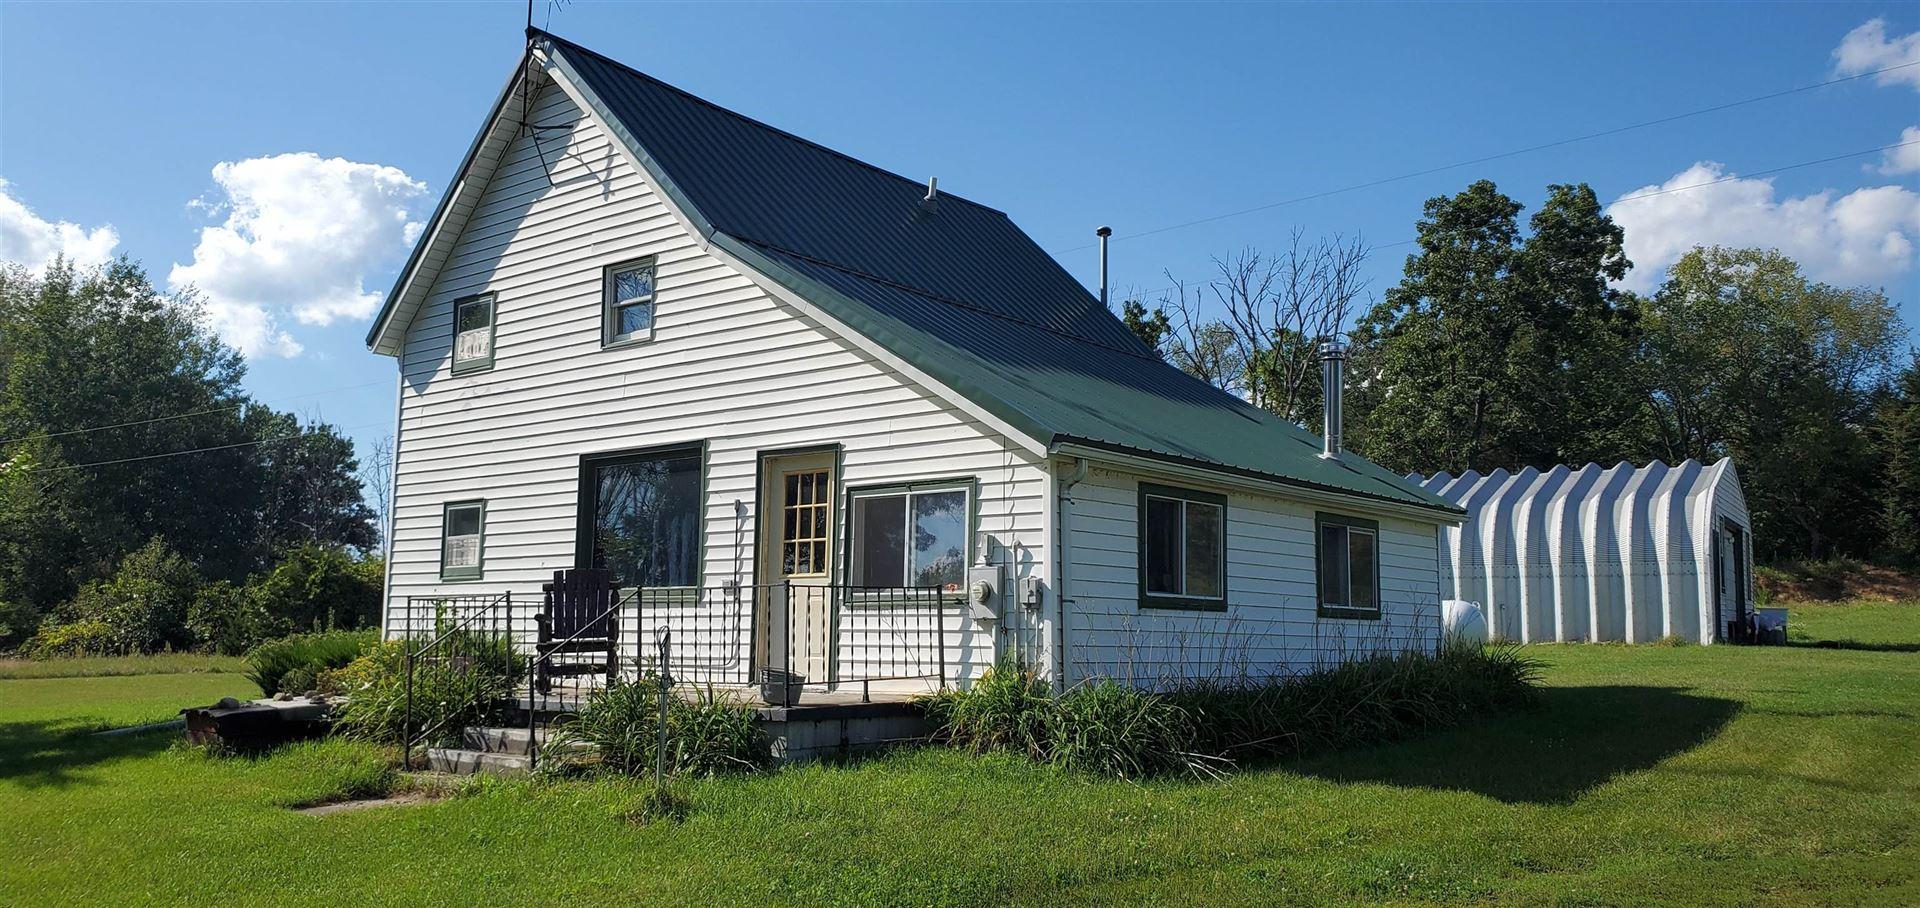 W5798 St Hwy 23, Princeton, WI 54968 - #: 1918658